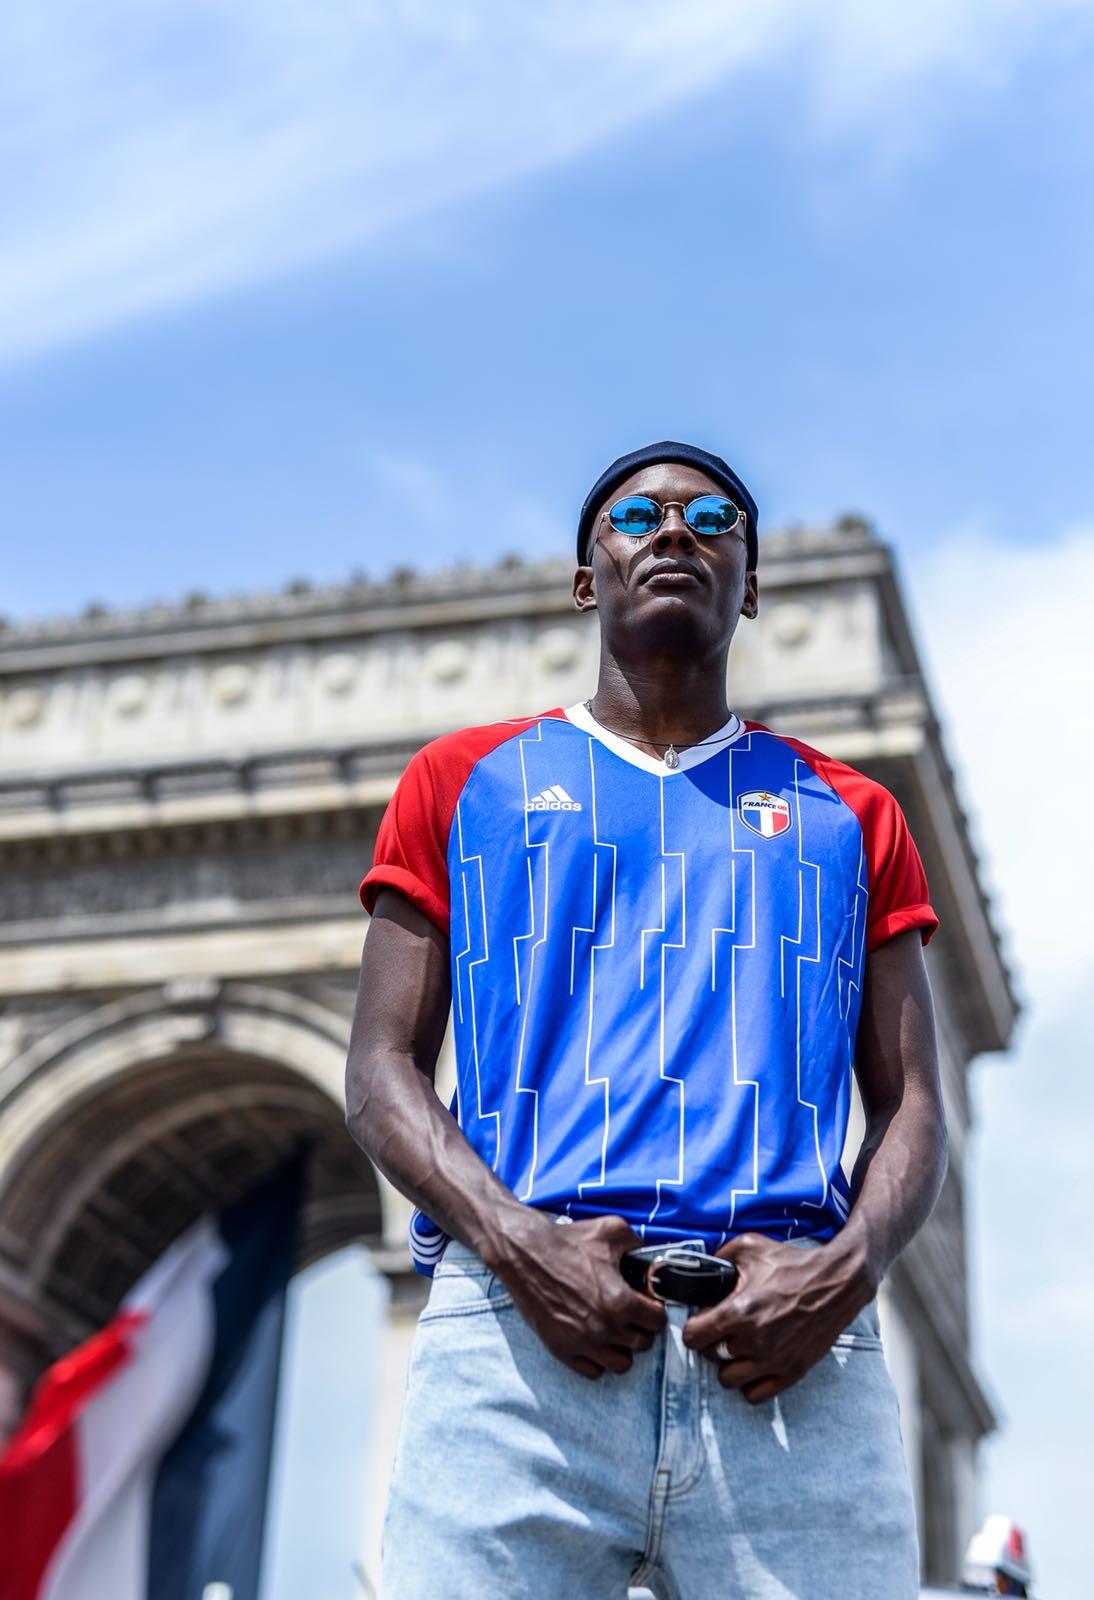 adidas dévoile un maillot spécial pour les Bleus de 98 et le